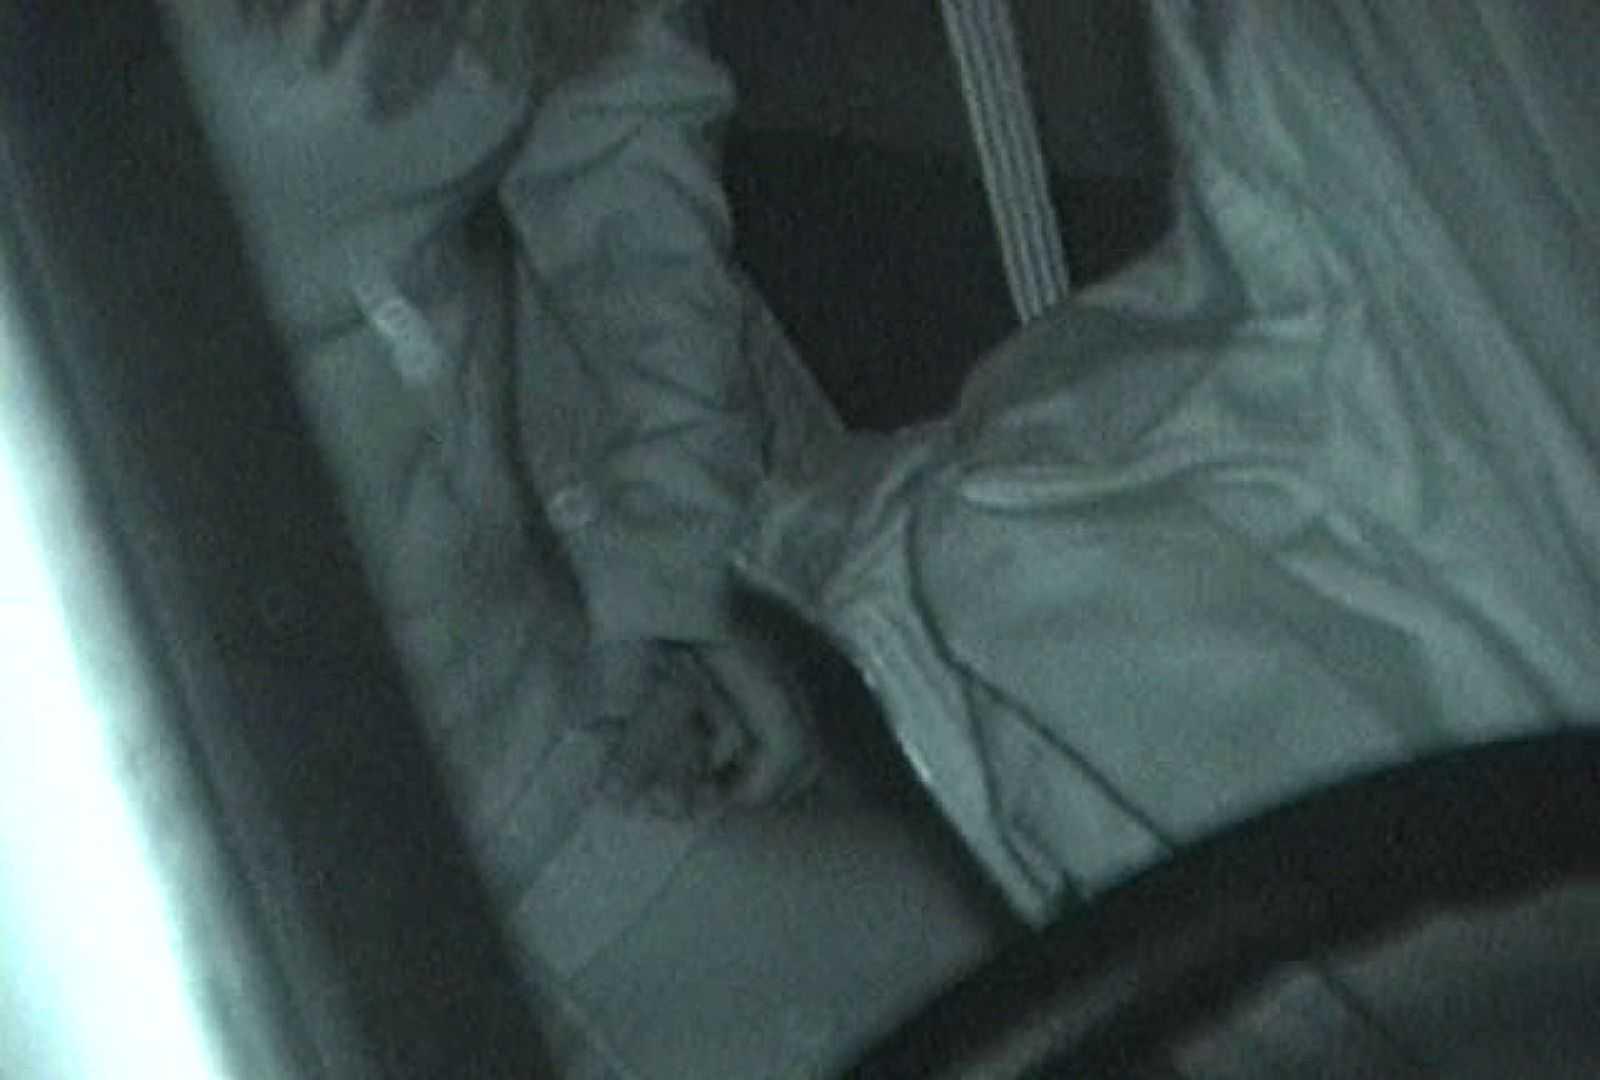 充血監督の深夜の運動会Vol.72 OLの実態 隠し撮りAV無料 59pic 5